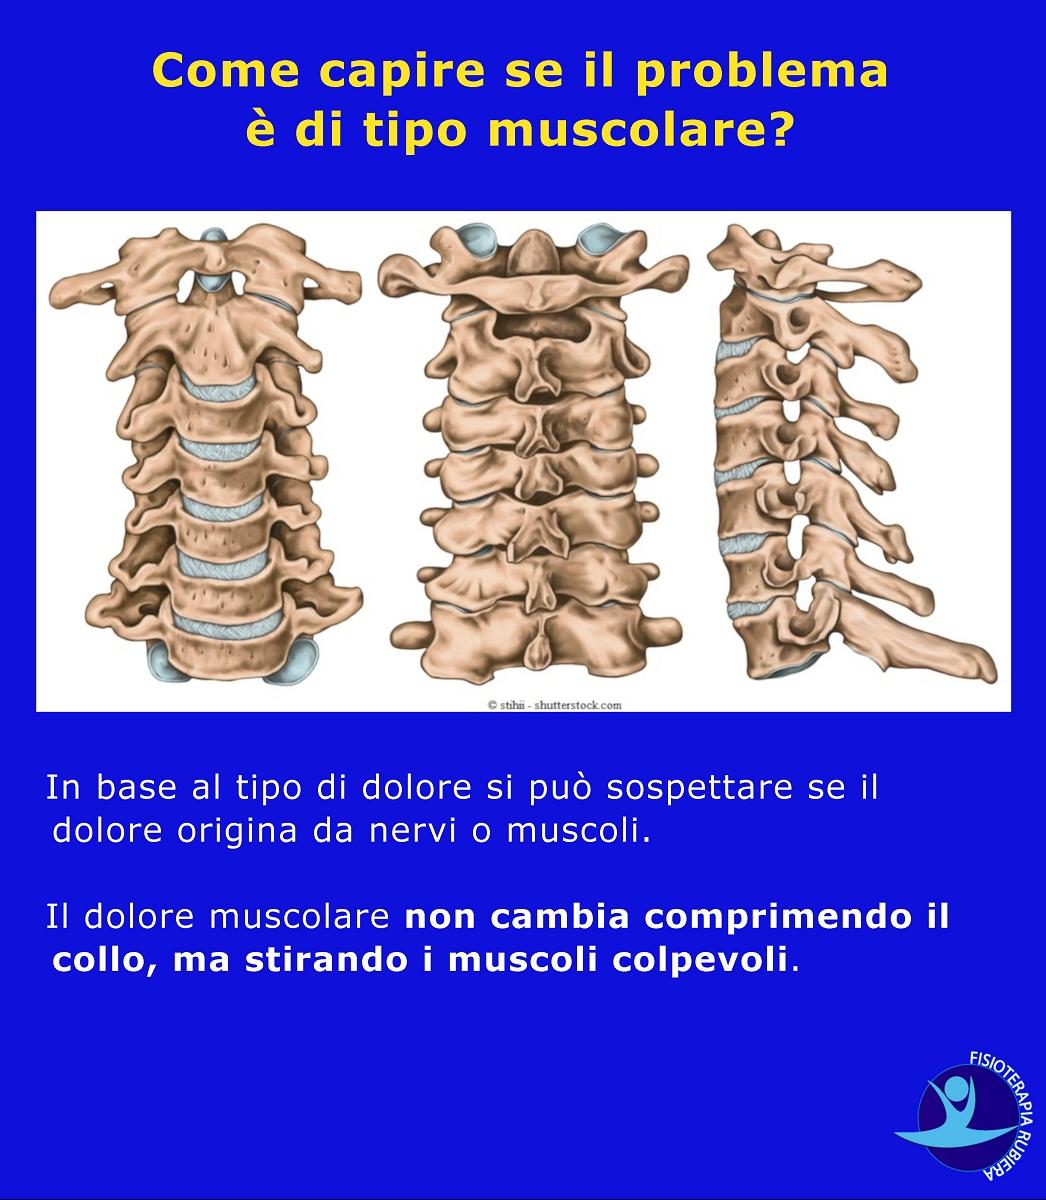 capire-se-il-problema-è-di-tipo-muscolare